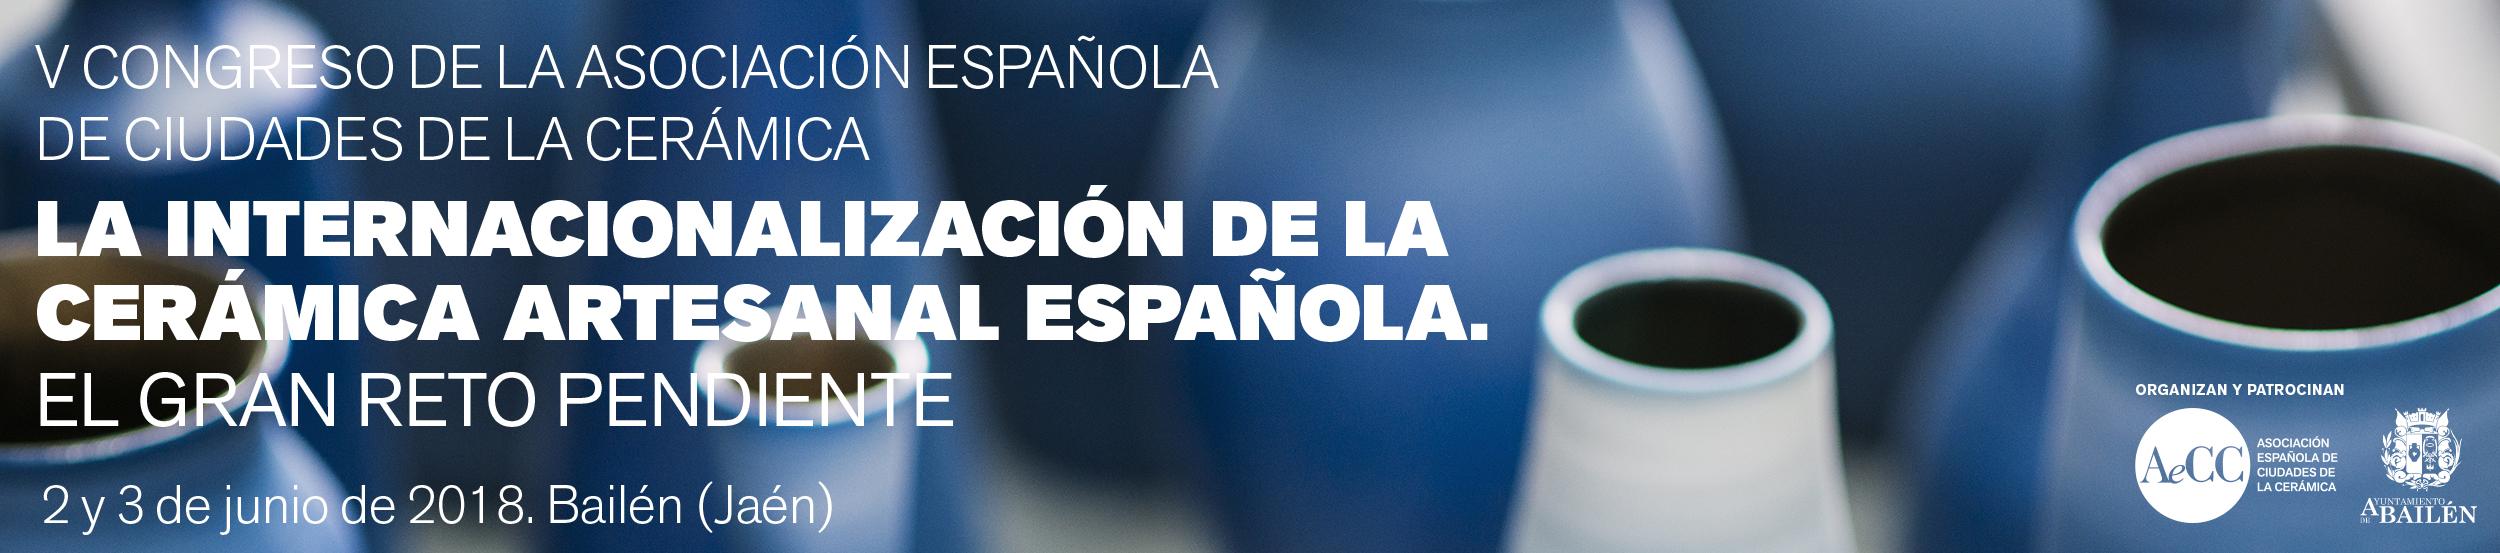 """Congreso """"Internacionalización En Cerámica"""" – 2 Y 3 De Junio En Bailén. Programa Definitivo"""